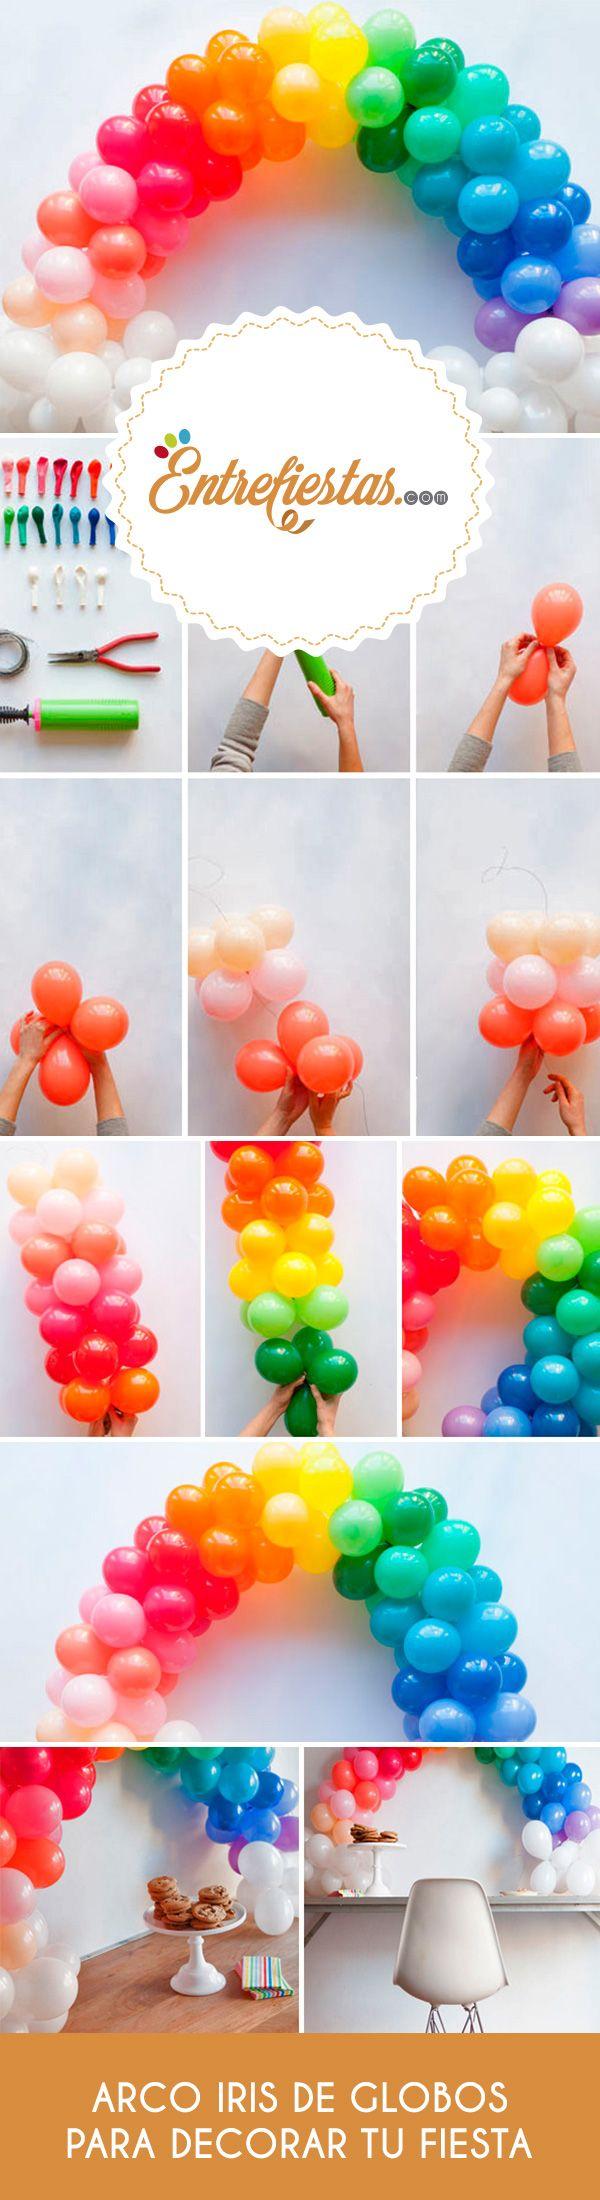 Si buscas una alternativa cargada de colores para decorar tu fiesta, aprovecha esta oportunidad para conocer paso a paso cómo elaborar un arco iris de globos para usar como telón de fondo en cualquier celebración. ¡Anímate y pon manos a la obra!